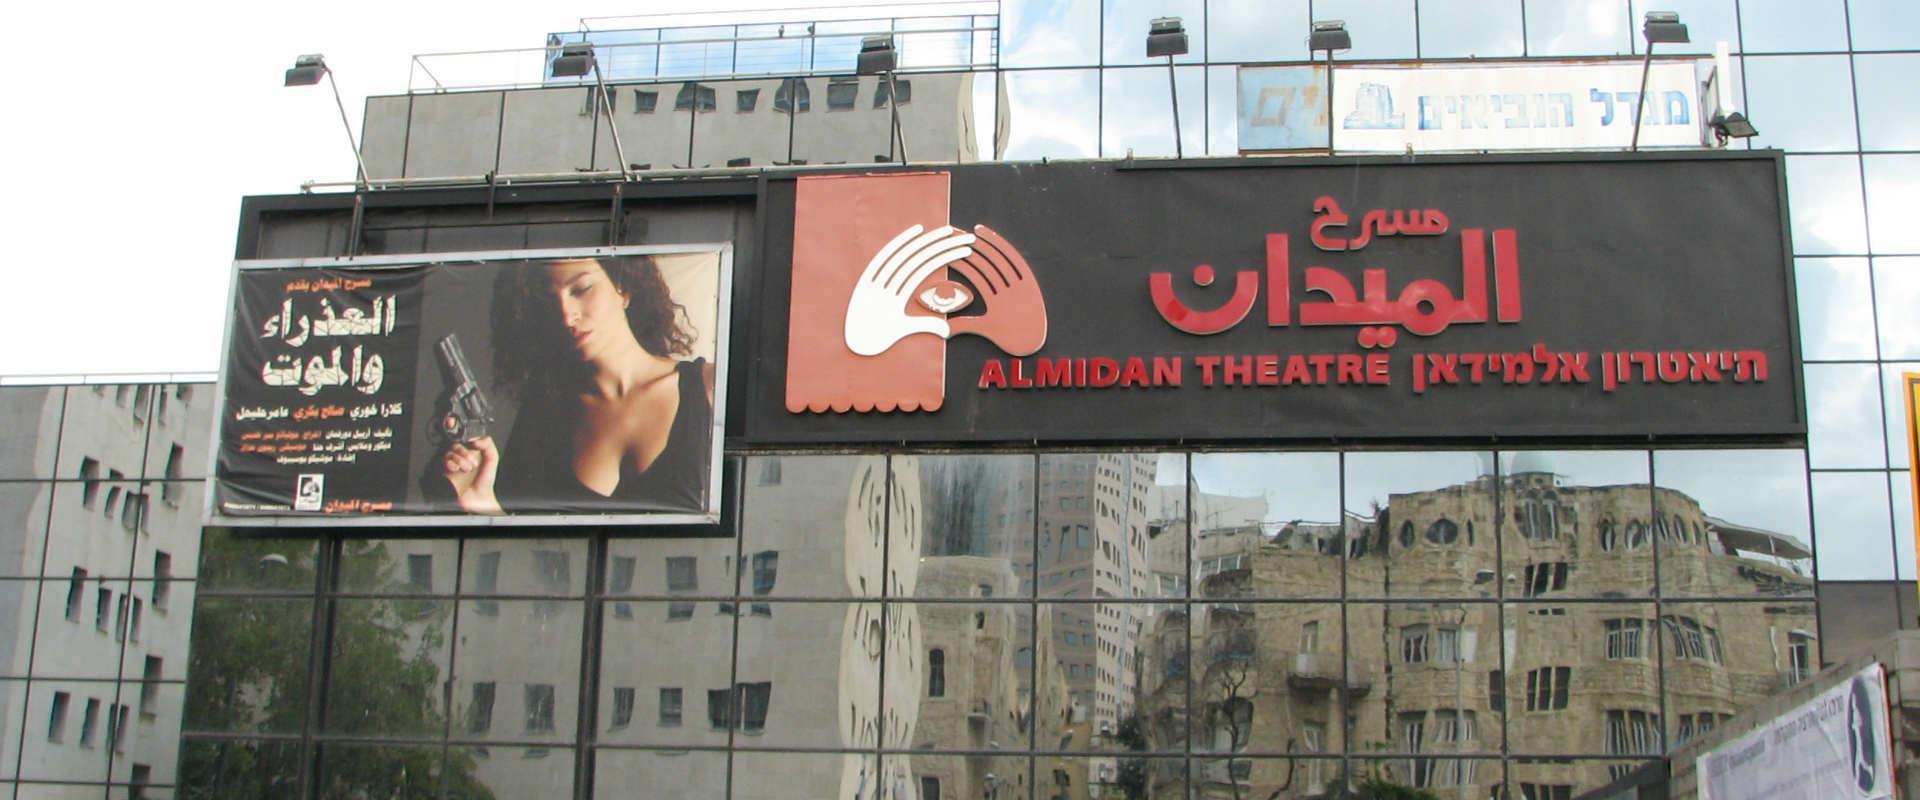 תיאטרון אל-מידאן שנסגר בשל אי סדרים ייפתח שוב | כאן